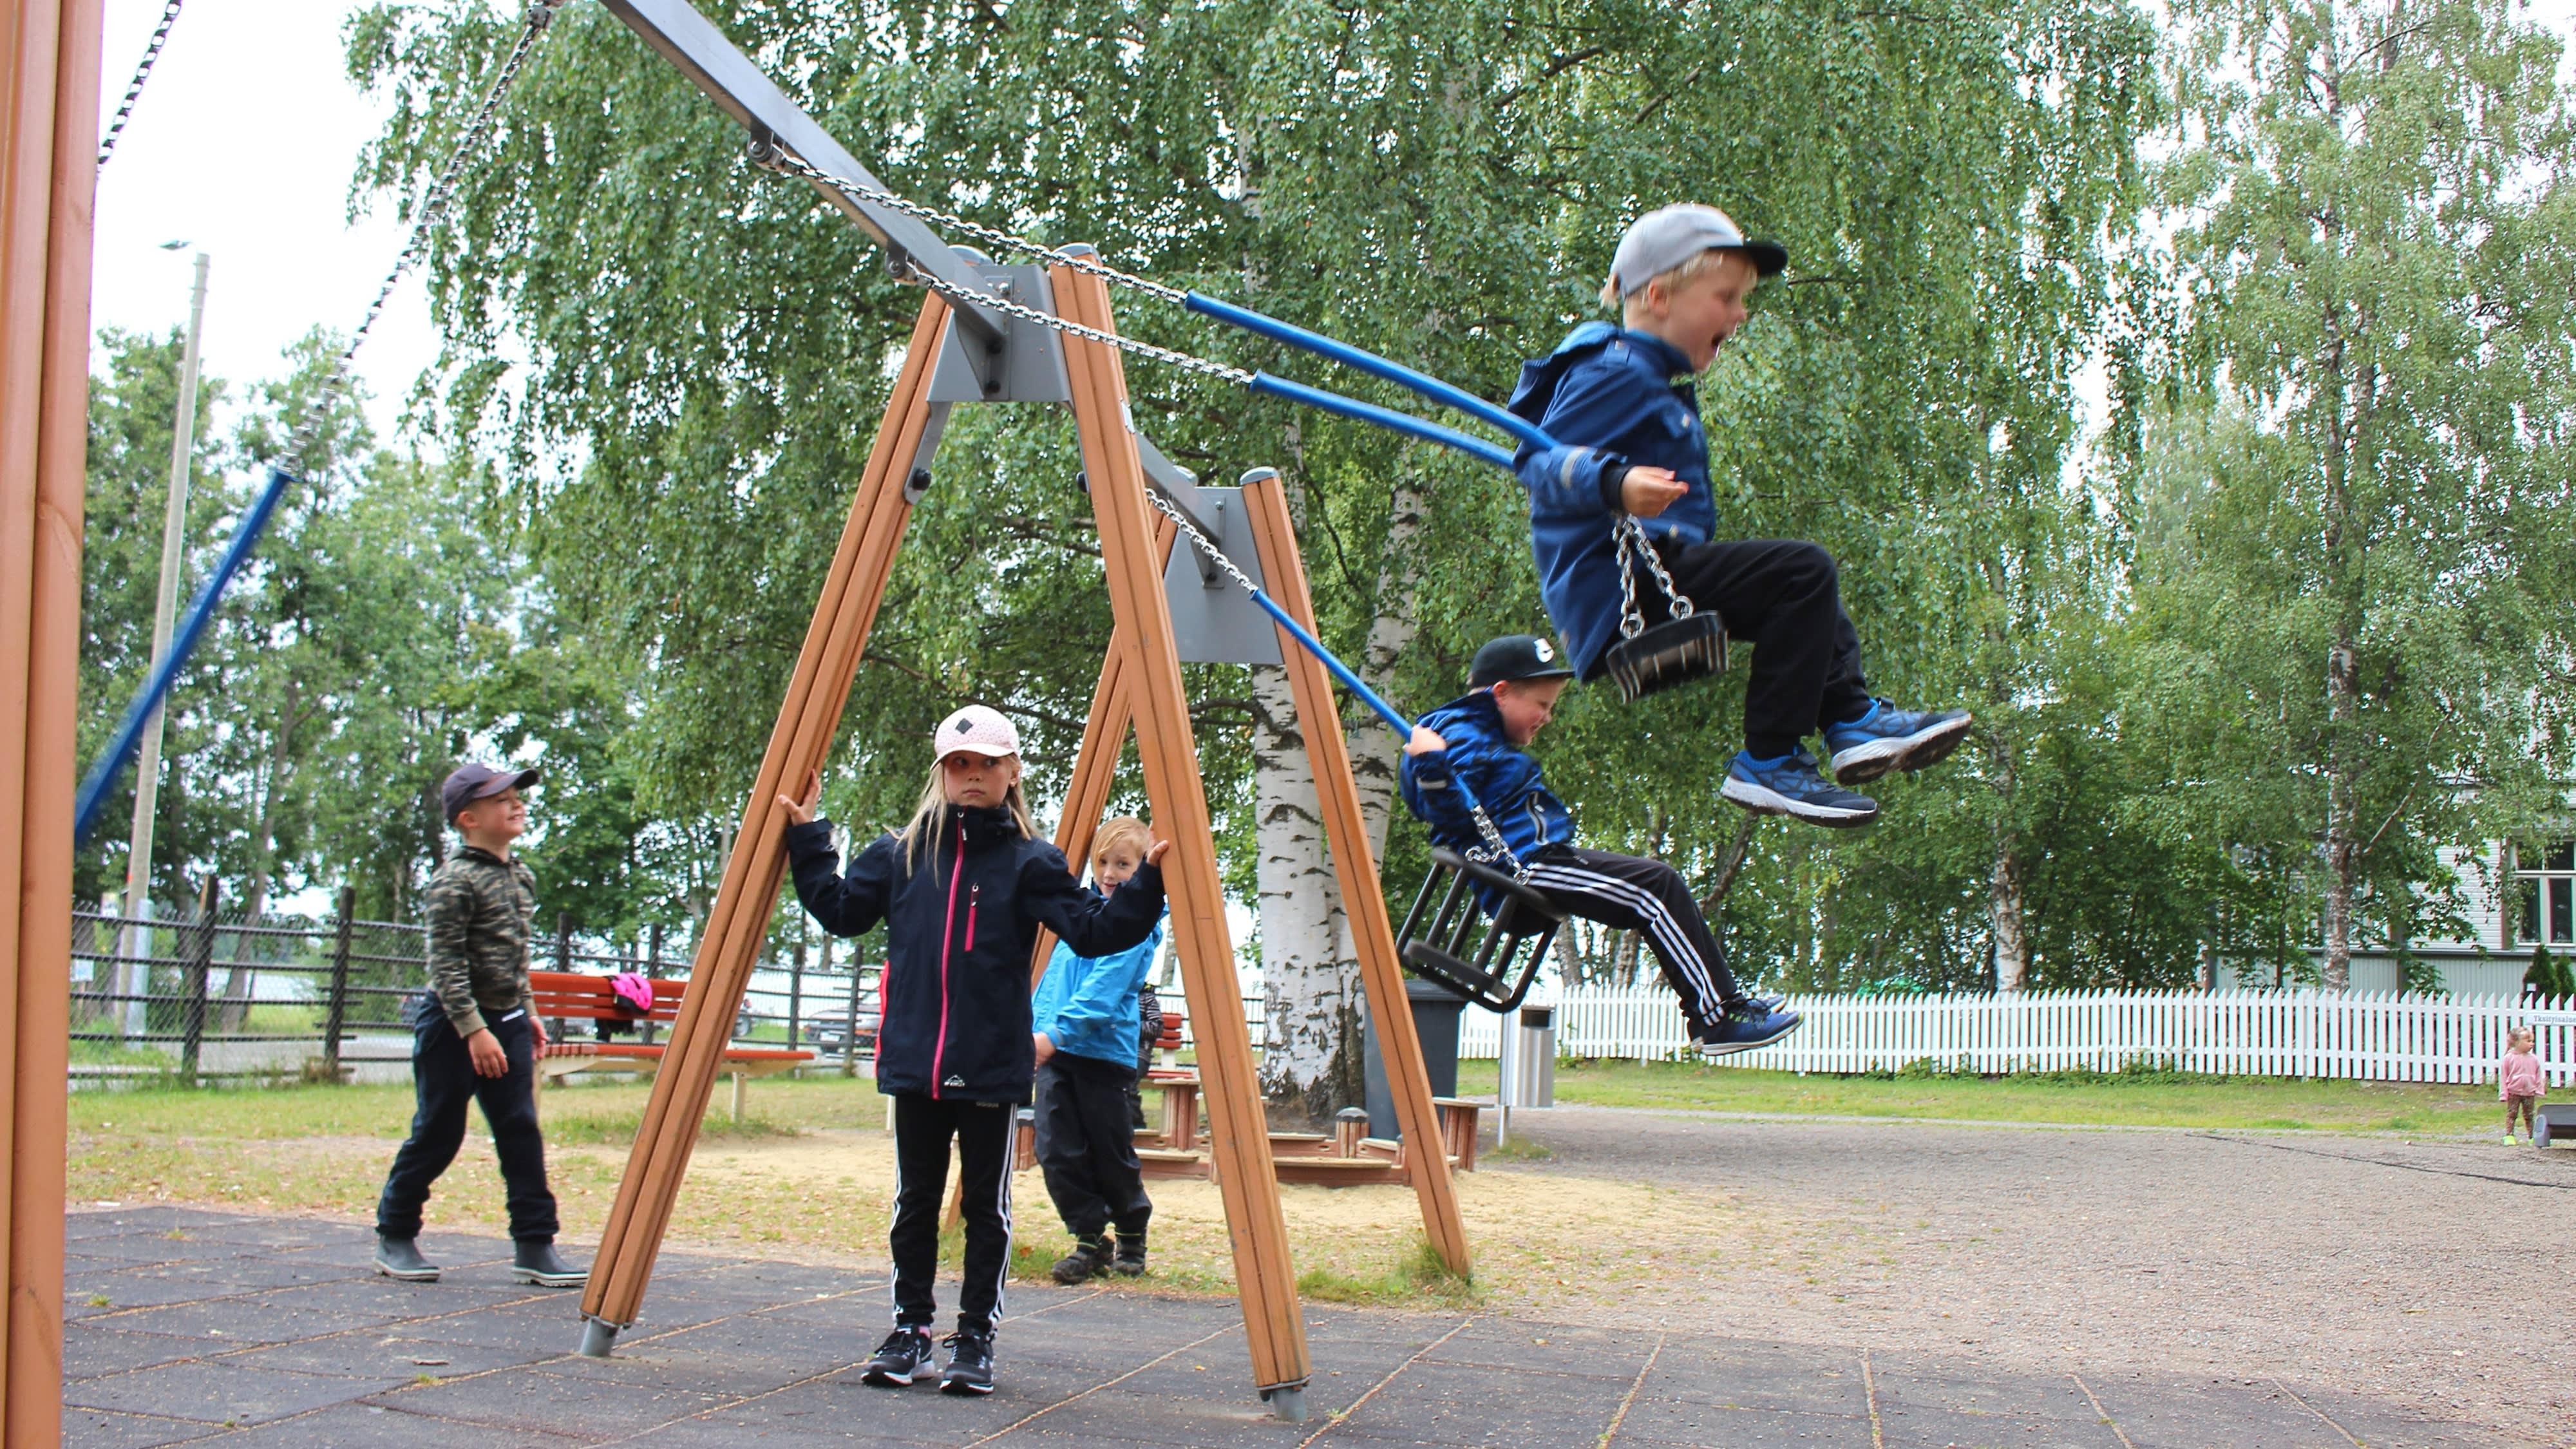 Lapsia keinumassa Joensuun Jokiaseman leikkipuistossa.